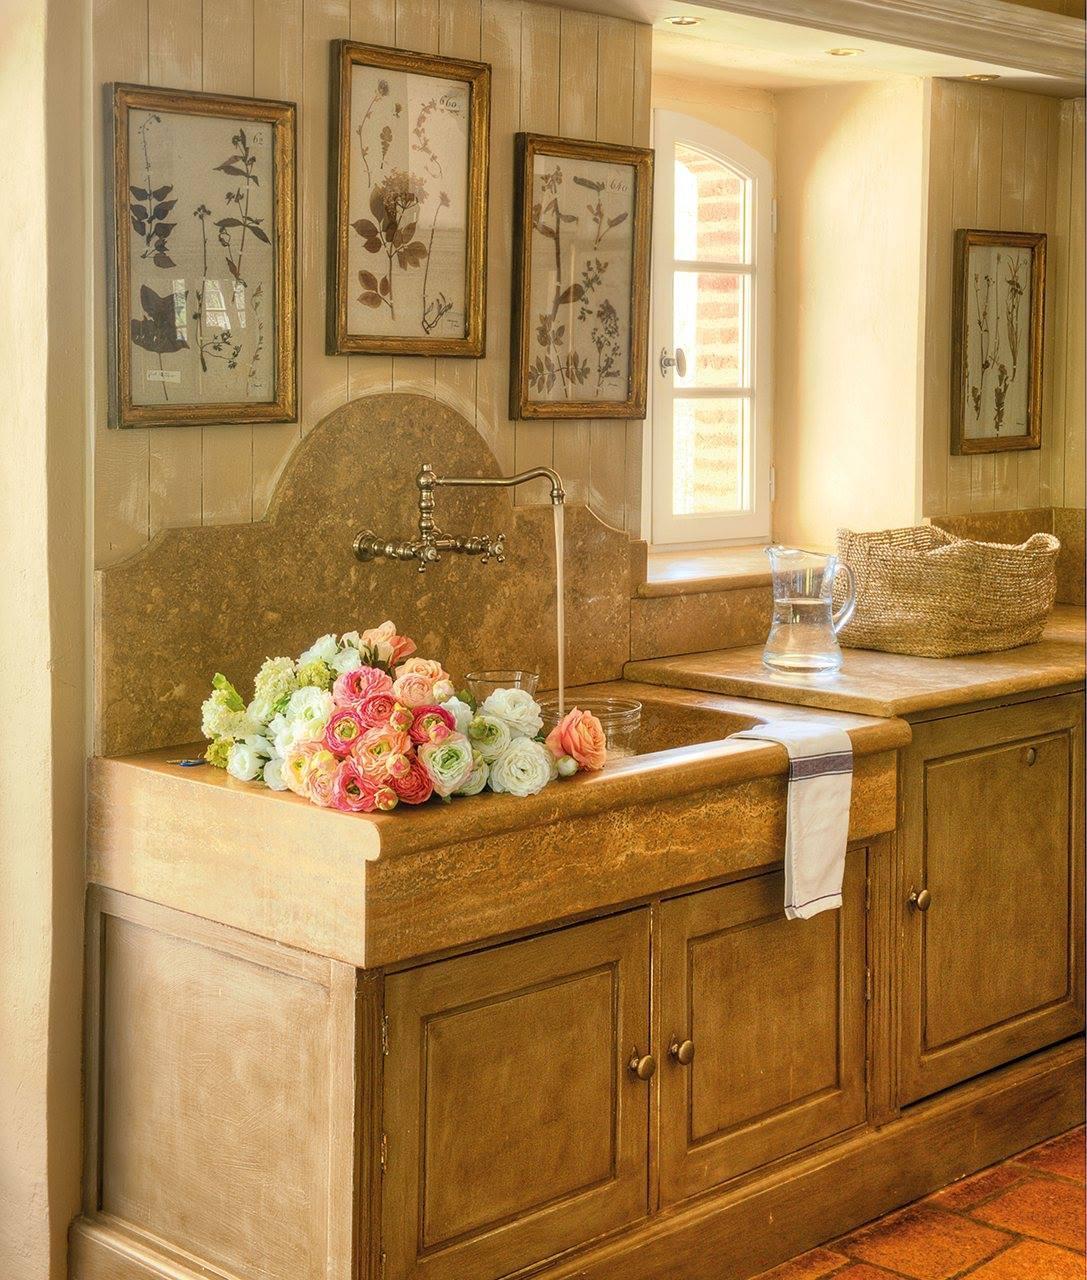 Kúpelne na štýl vidieka - Obrázok č. 32